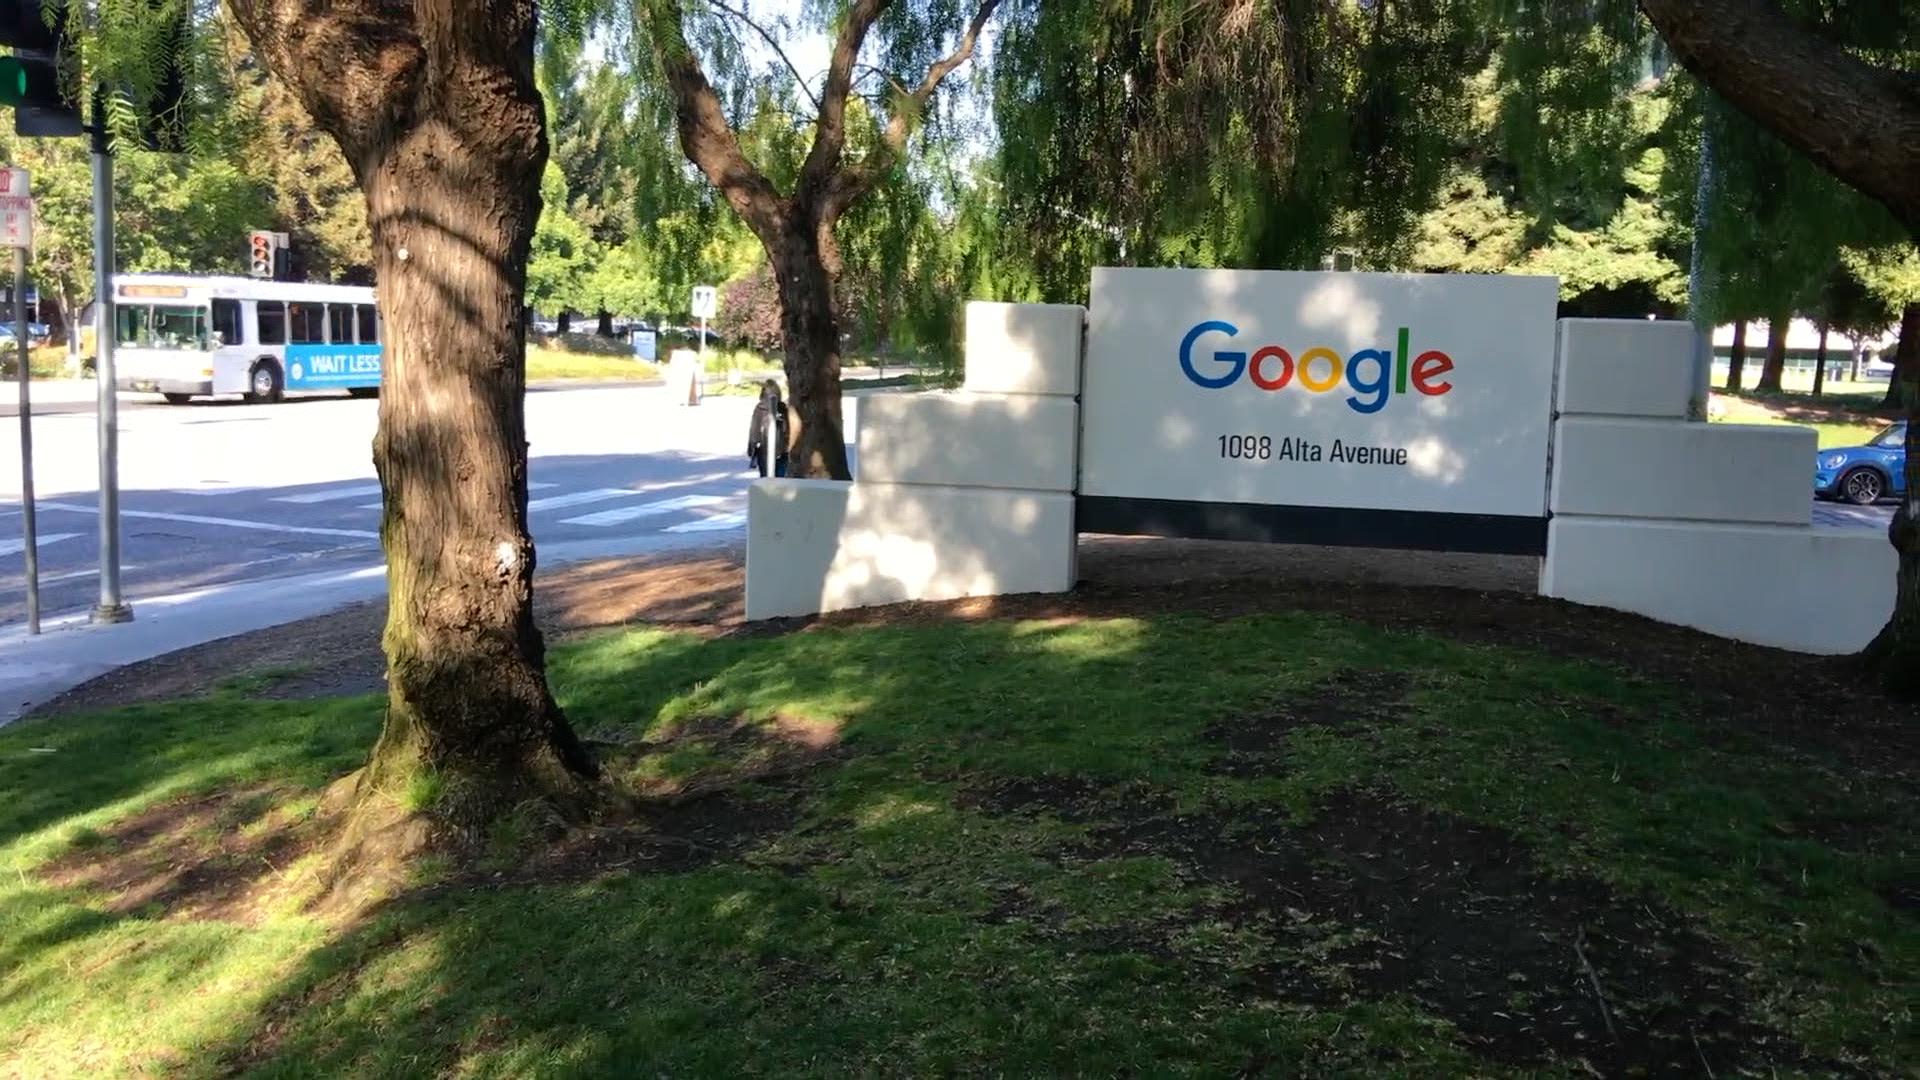 Google začal blokovat některé otravné reklamy. Podle kritiků to dělá hlavně pro vlastní zisk